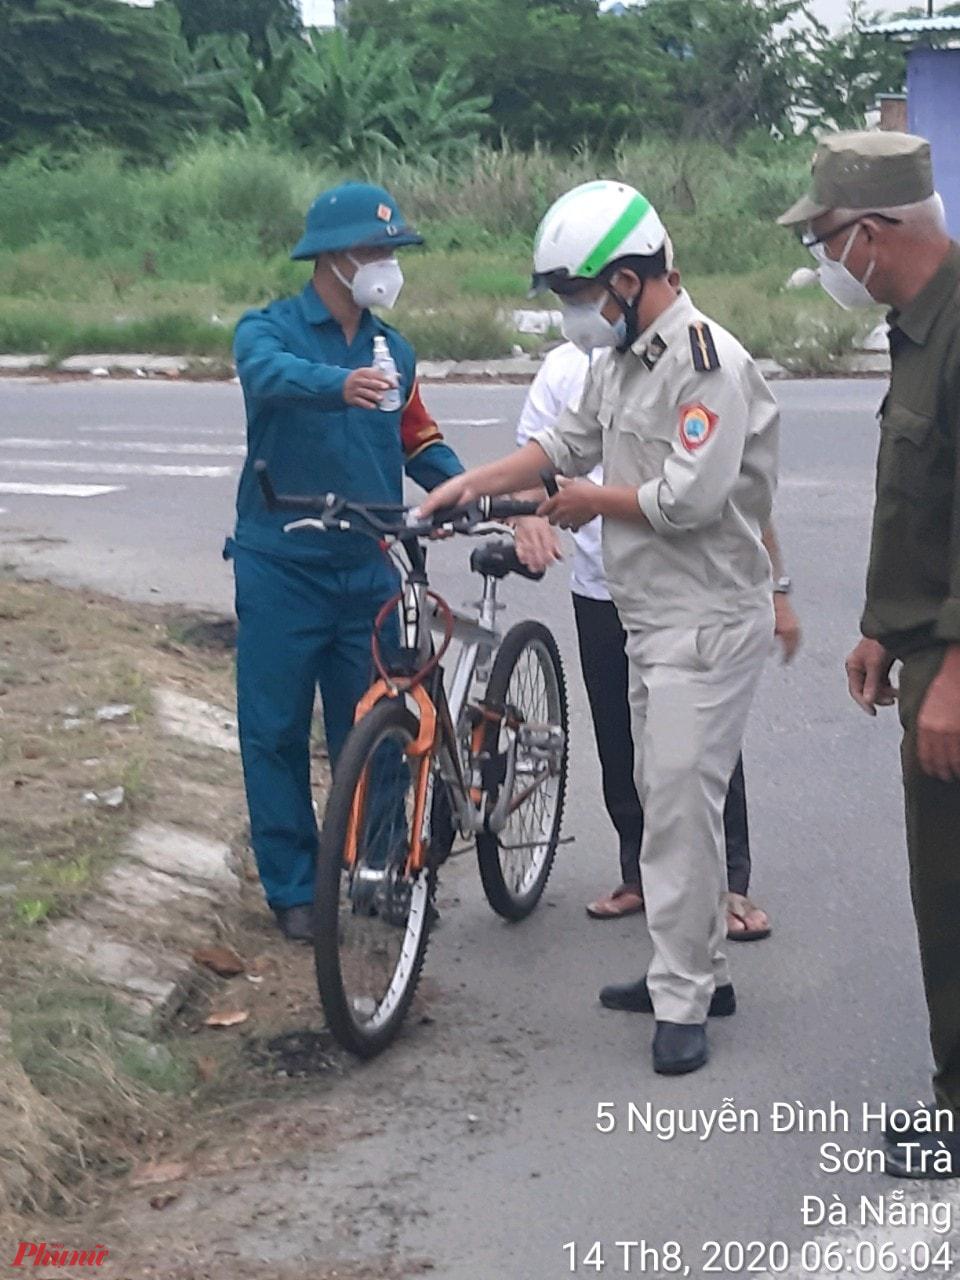 Thành phố Đà Nẵng tăng cường xử phạt những người ra đường không có lý do chính đáng